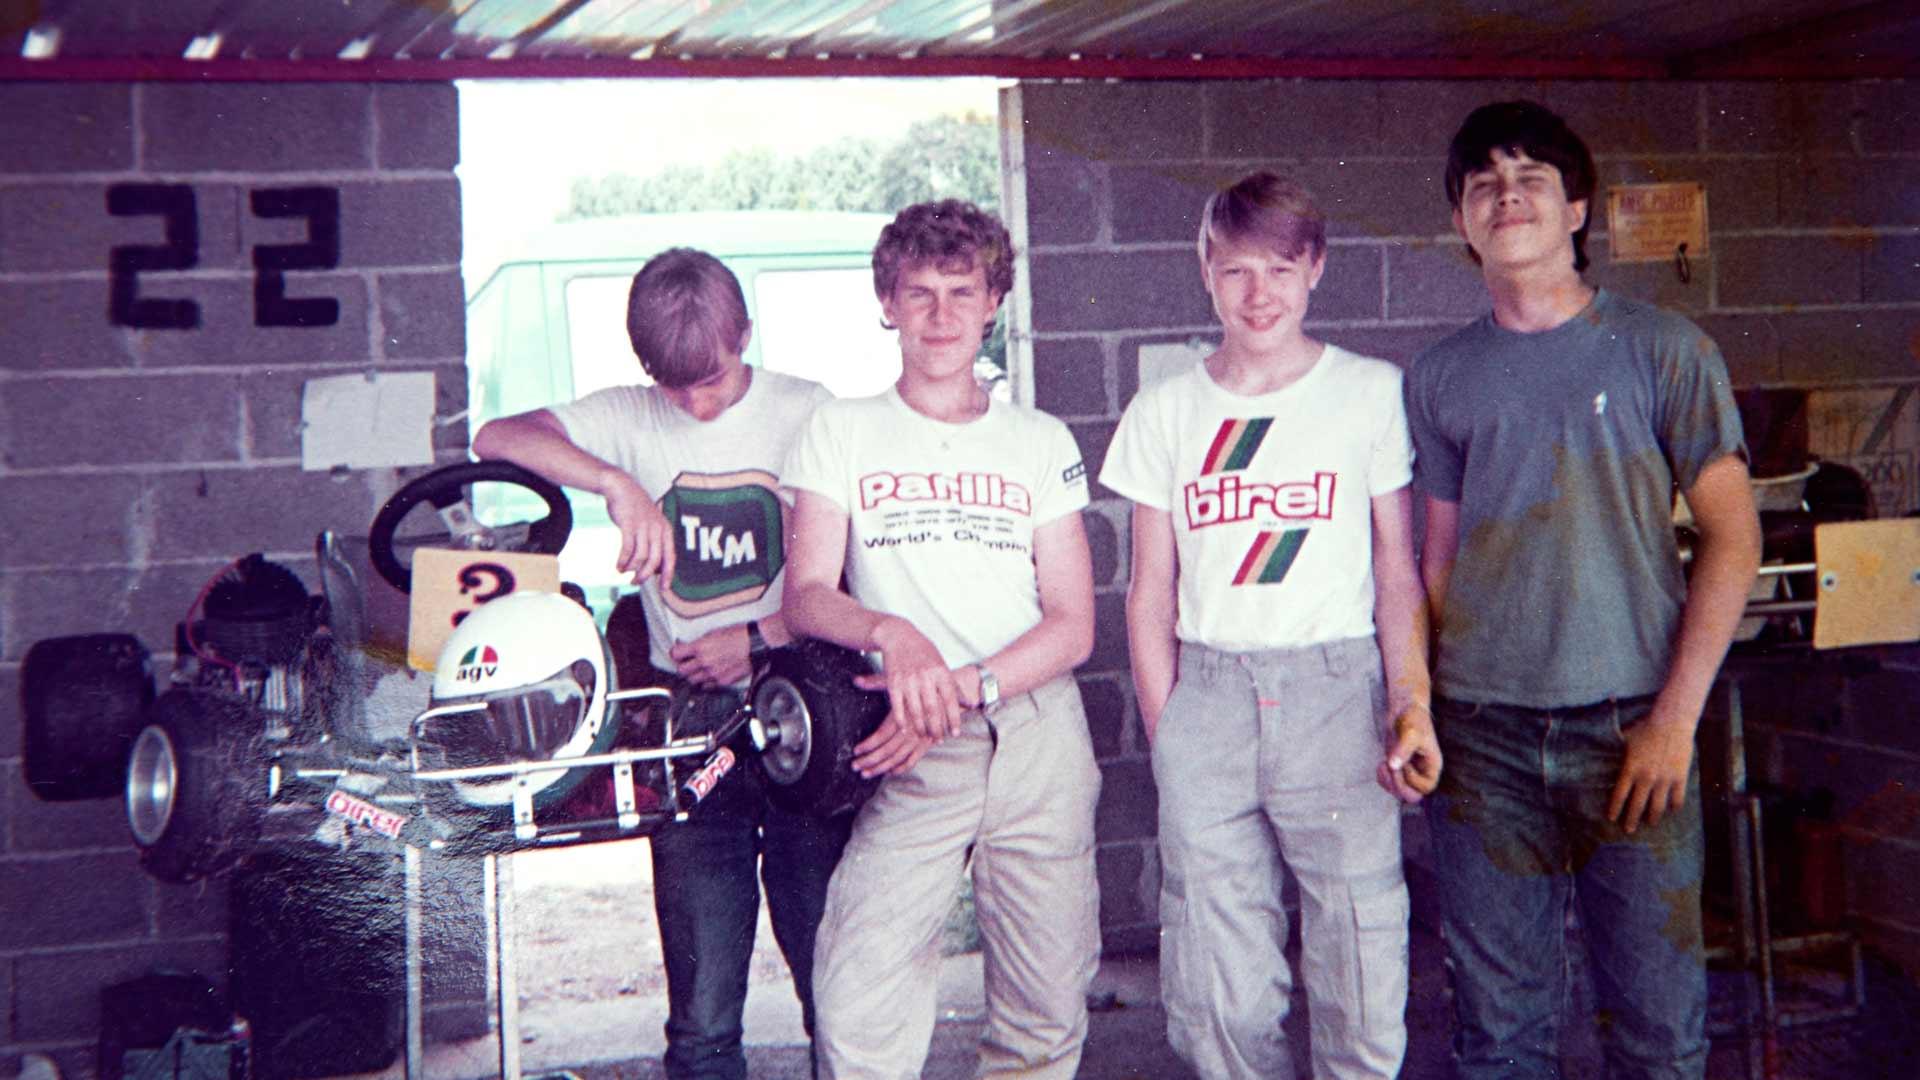 """Robert """"Robbe"""" Koistinen ajoi nuorena kartingia huipputasolla: alakuvassa keskellä Koistinen ja Mika Häkkinen juniorien MM-kisoissa Ranskan Lavallissa vuonna 1984."""